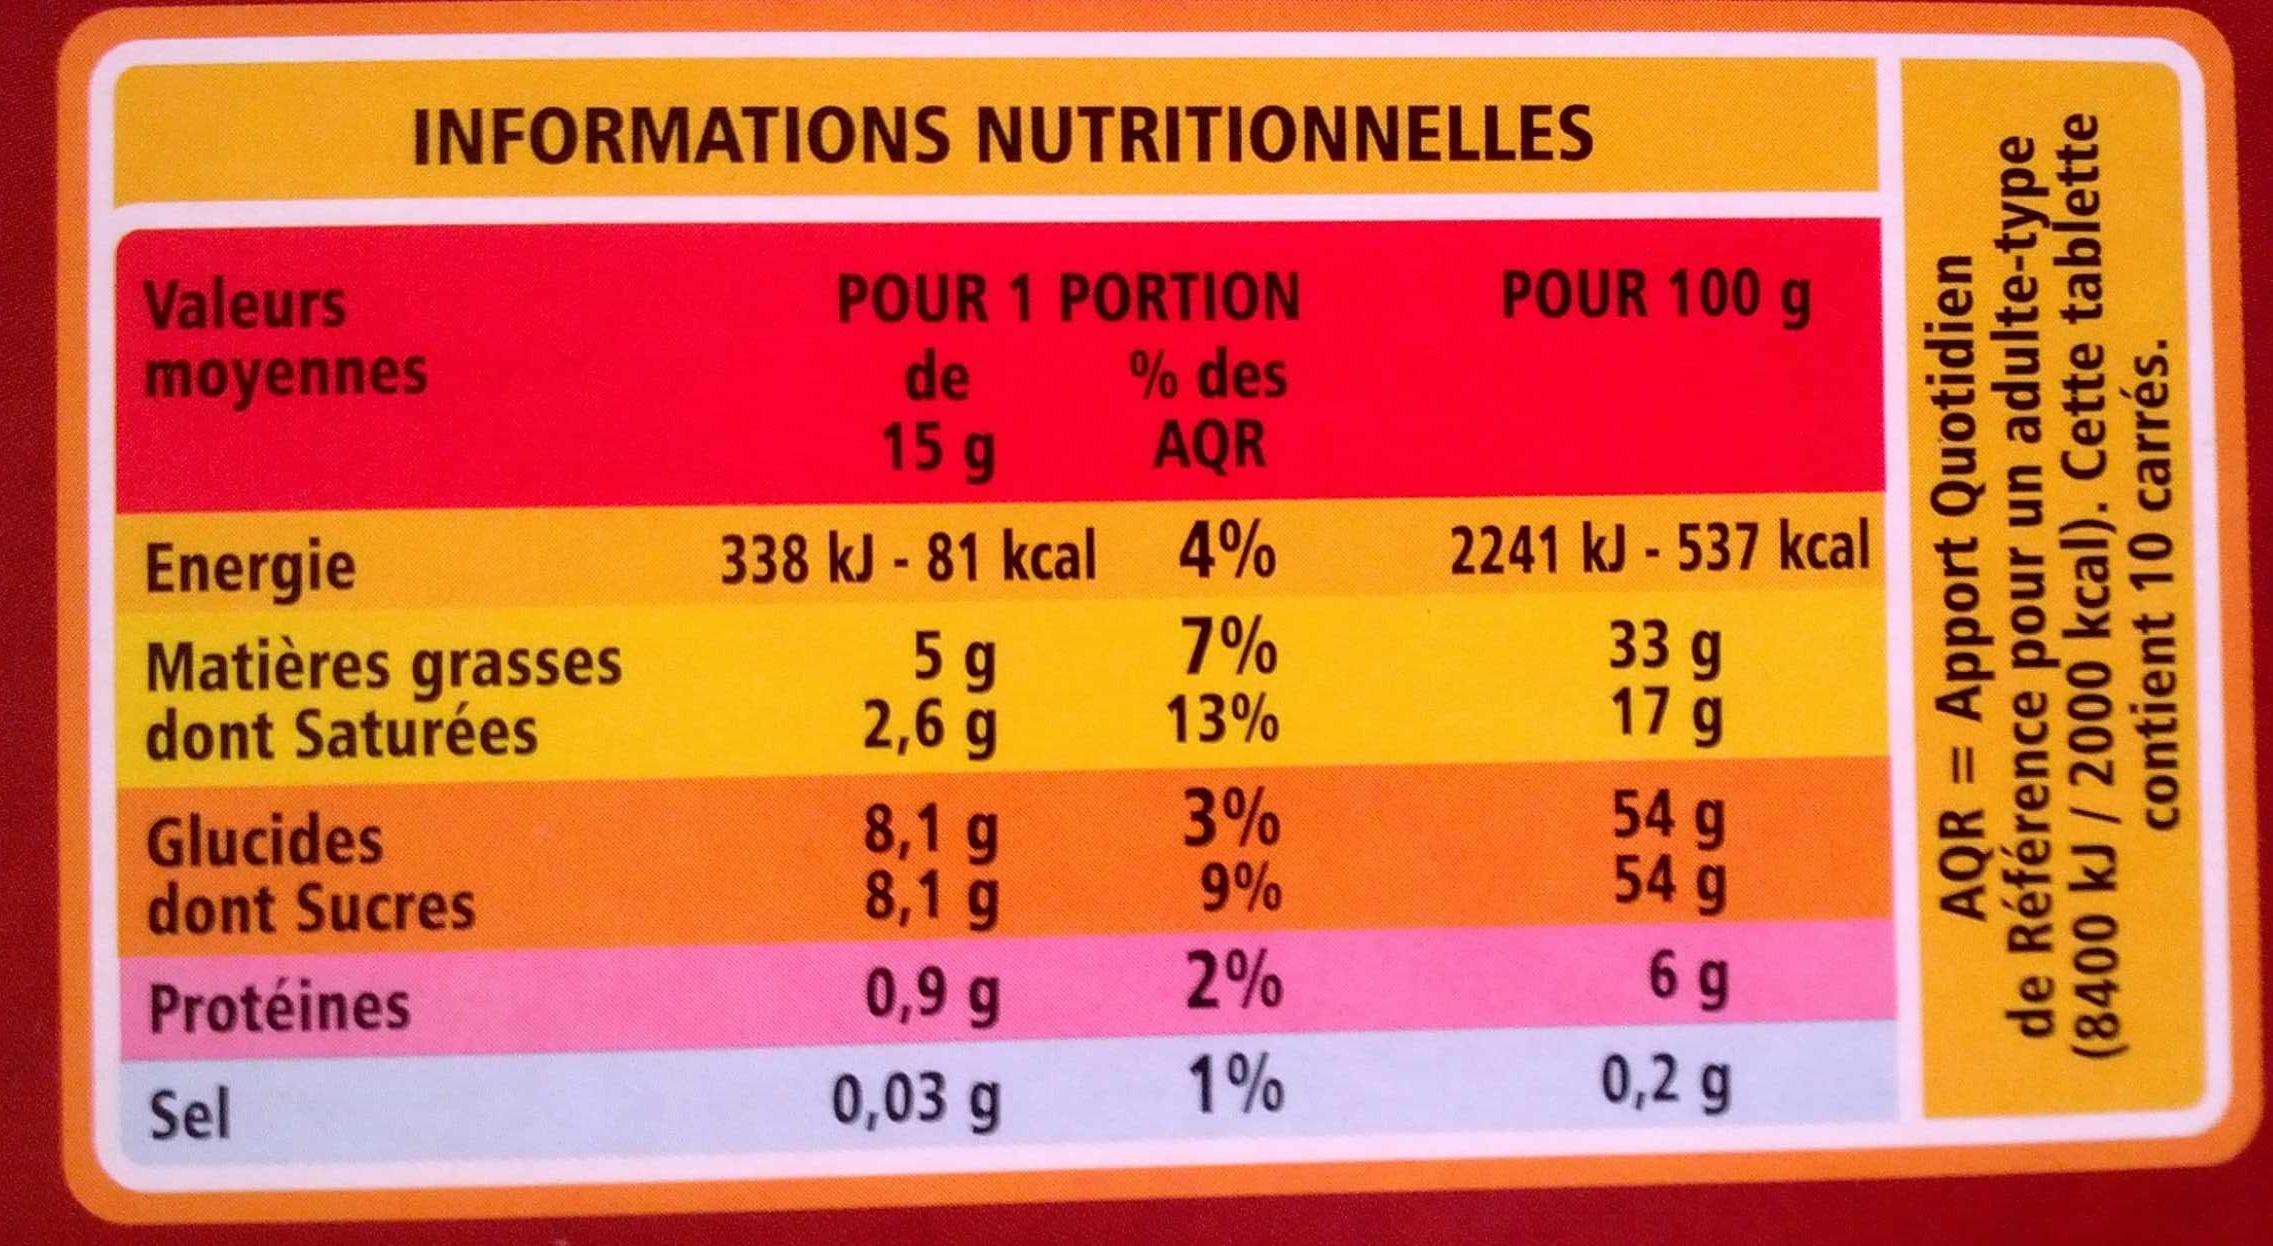 Chocolat supérieur - Lait praliné Nougatine - Informations nutritionnelles - fr